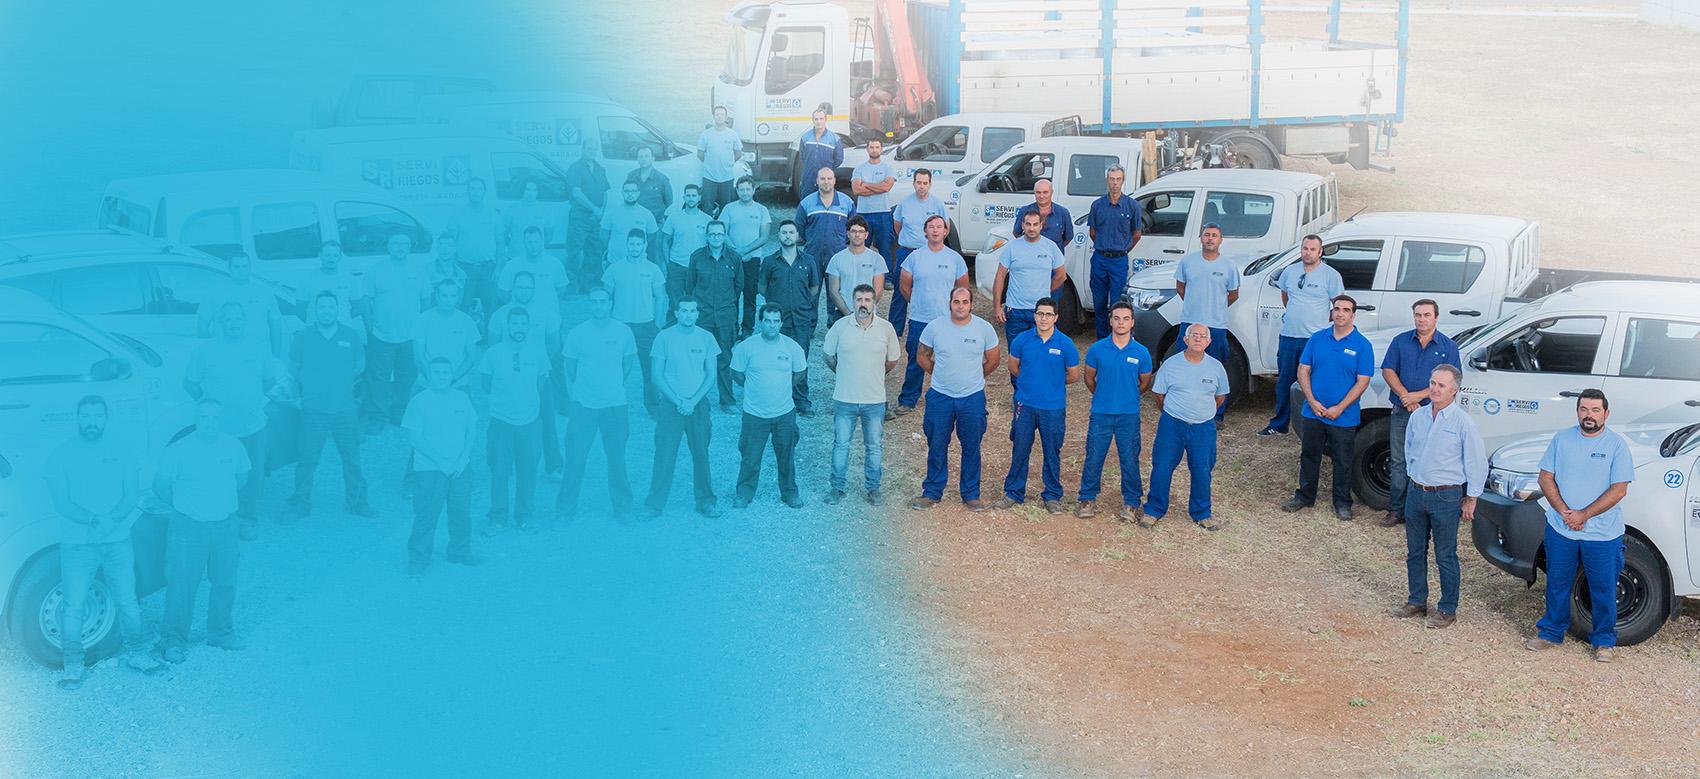 Contamos con un departamento de ingeniería con formación, experiencia y capacidad para desarrollar soluciones innovadoras